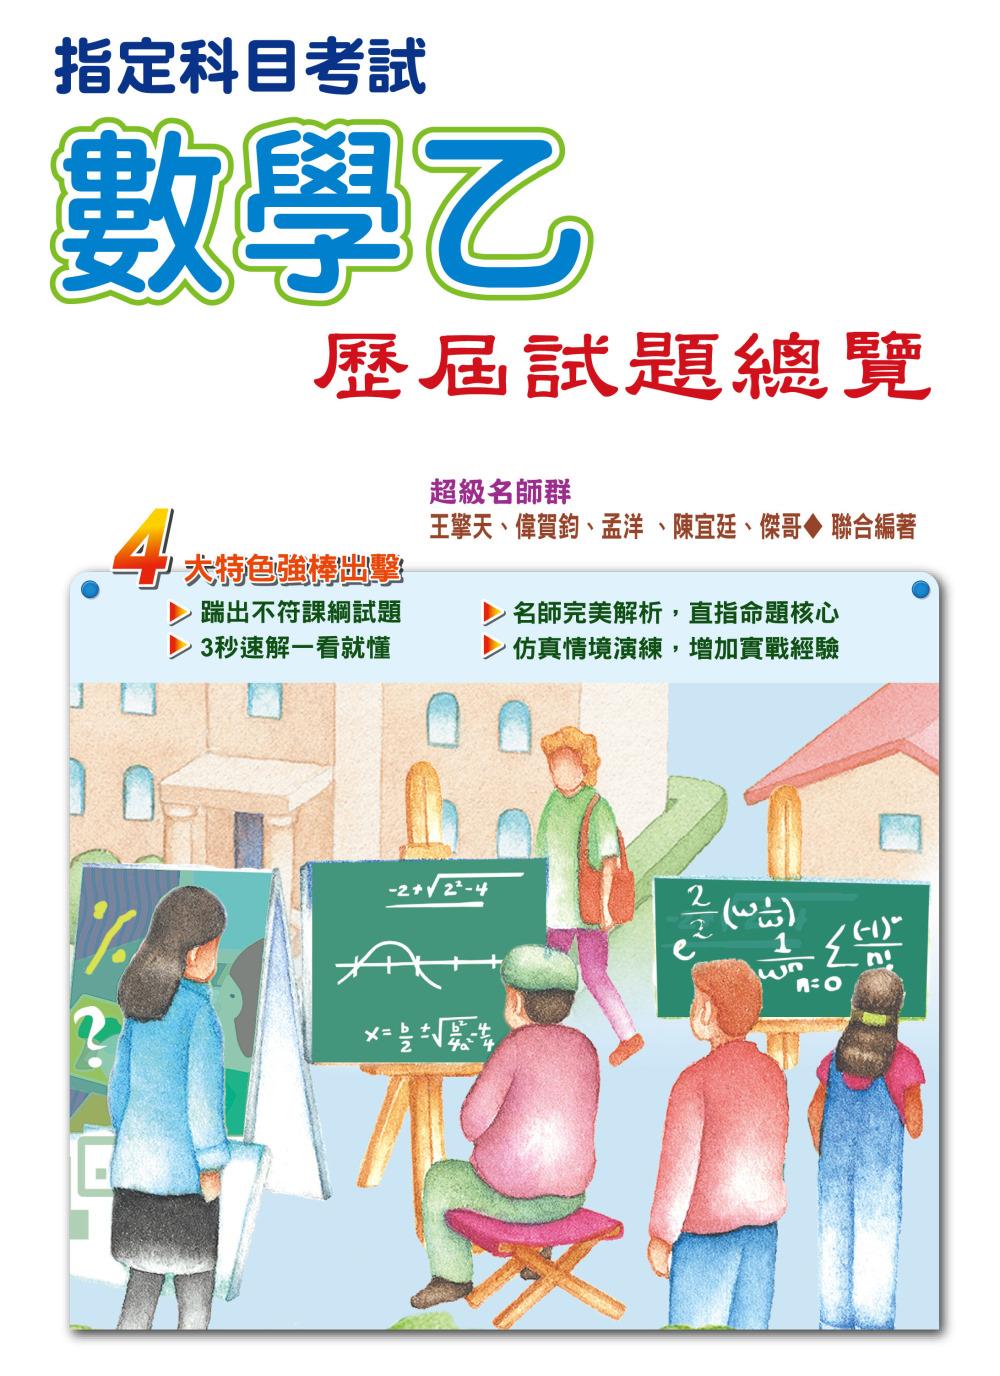 104指定科目考試數學乙歷屆試題總覽